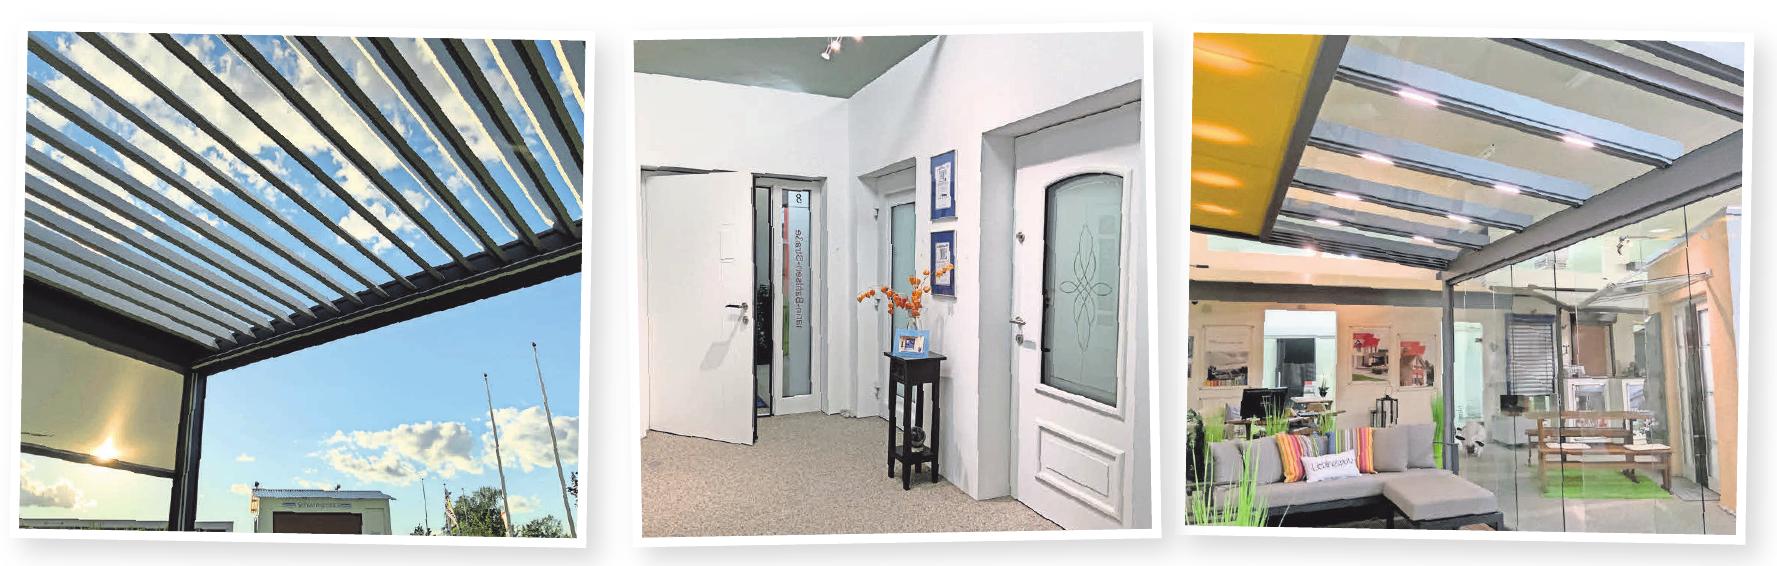 Bilder von links nach rechts: Outdoorliving – dafür bietet das Unternehmen alles von der Markise bis zu flexiblen Glas- und Stahlvarianten. Die neuen Haustürmodelle können die Besucher in der großen Ausstellung erleben. Dank rahmenloser Ganzglasschiebetüren können Wintergartenbesitzer die Natur auch bei schlechtem Wetter genießen.